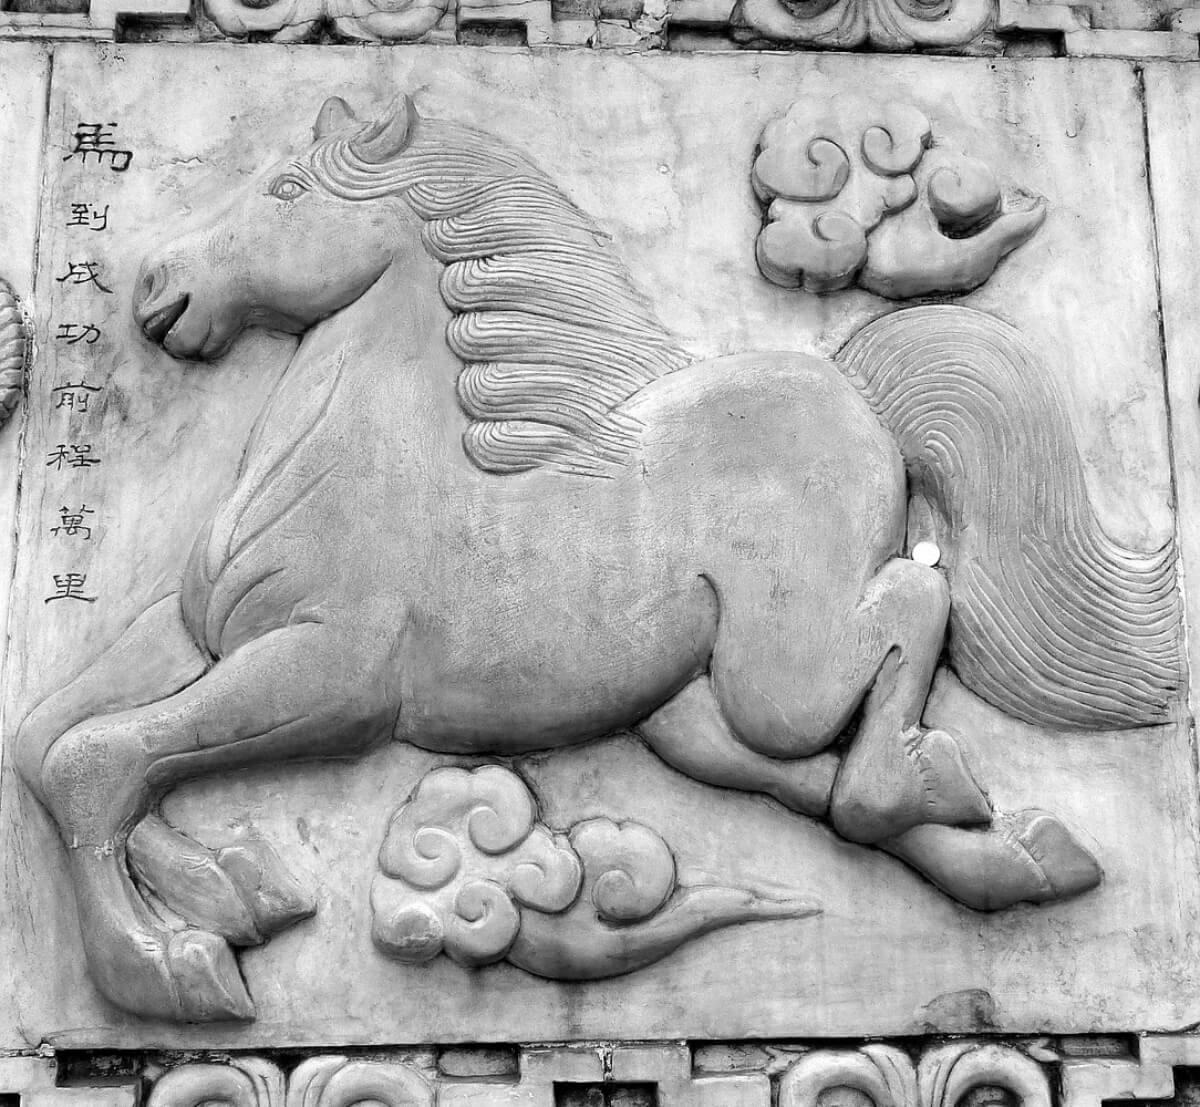 statua-di-pietra-di-cavallo-nello-zodiaco-cinese-